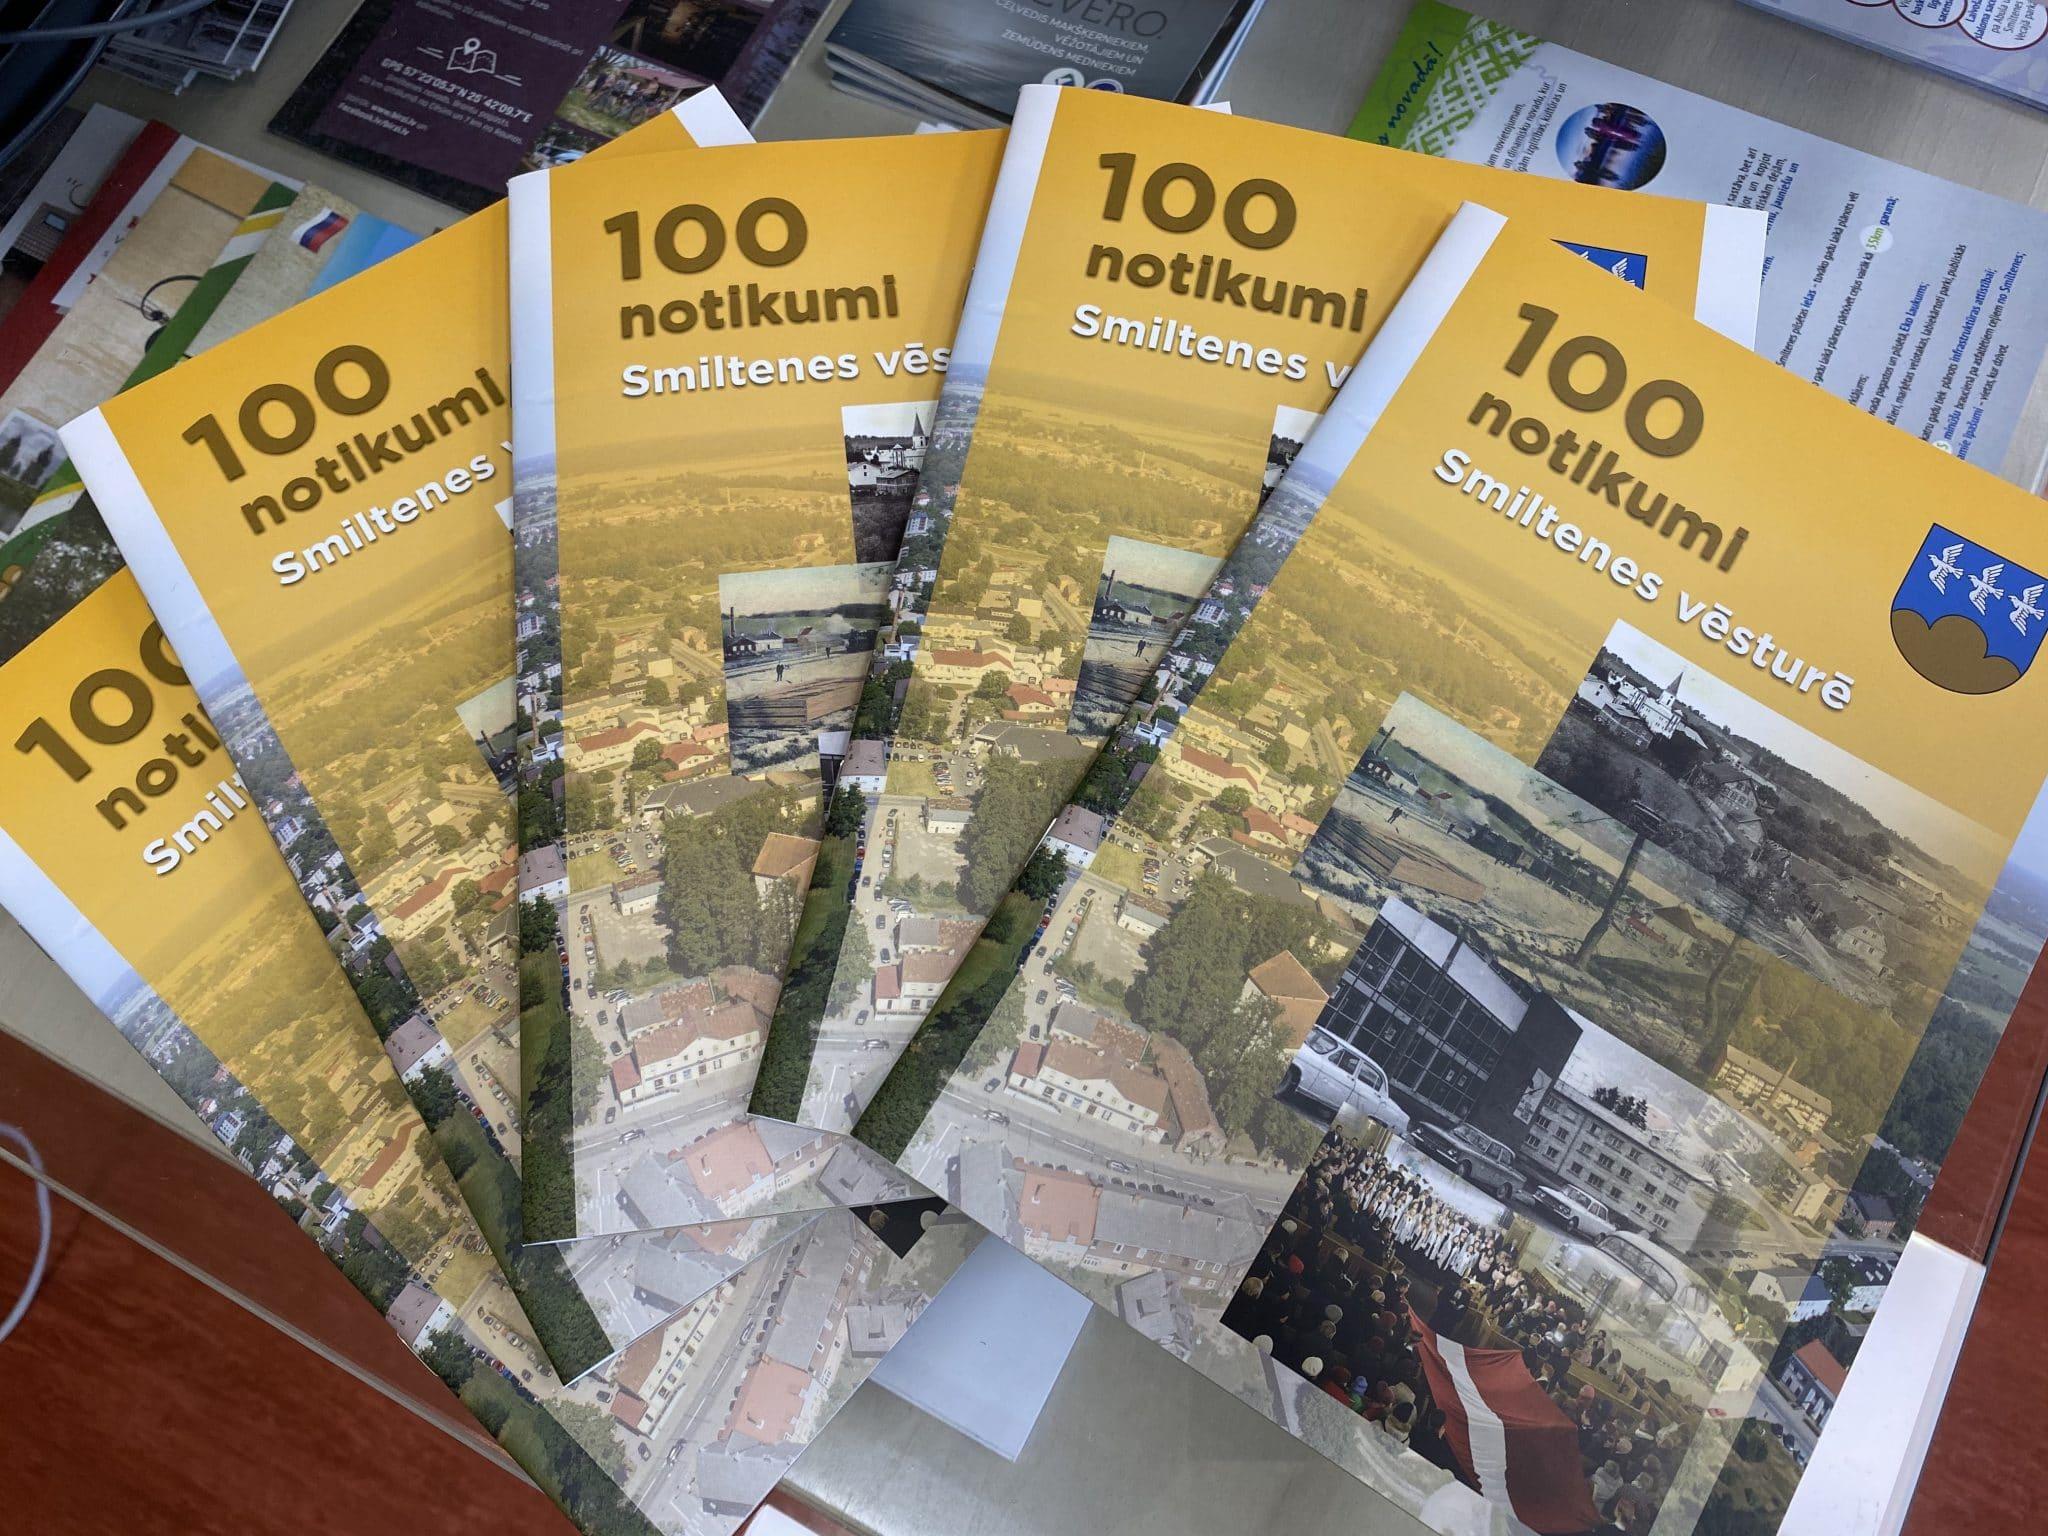 Smiltenes simtgadē izdota brošūra par 100 notikumiem pilsētas vēsturē